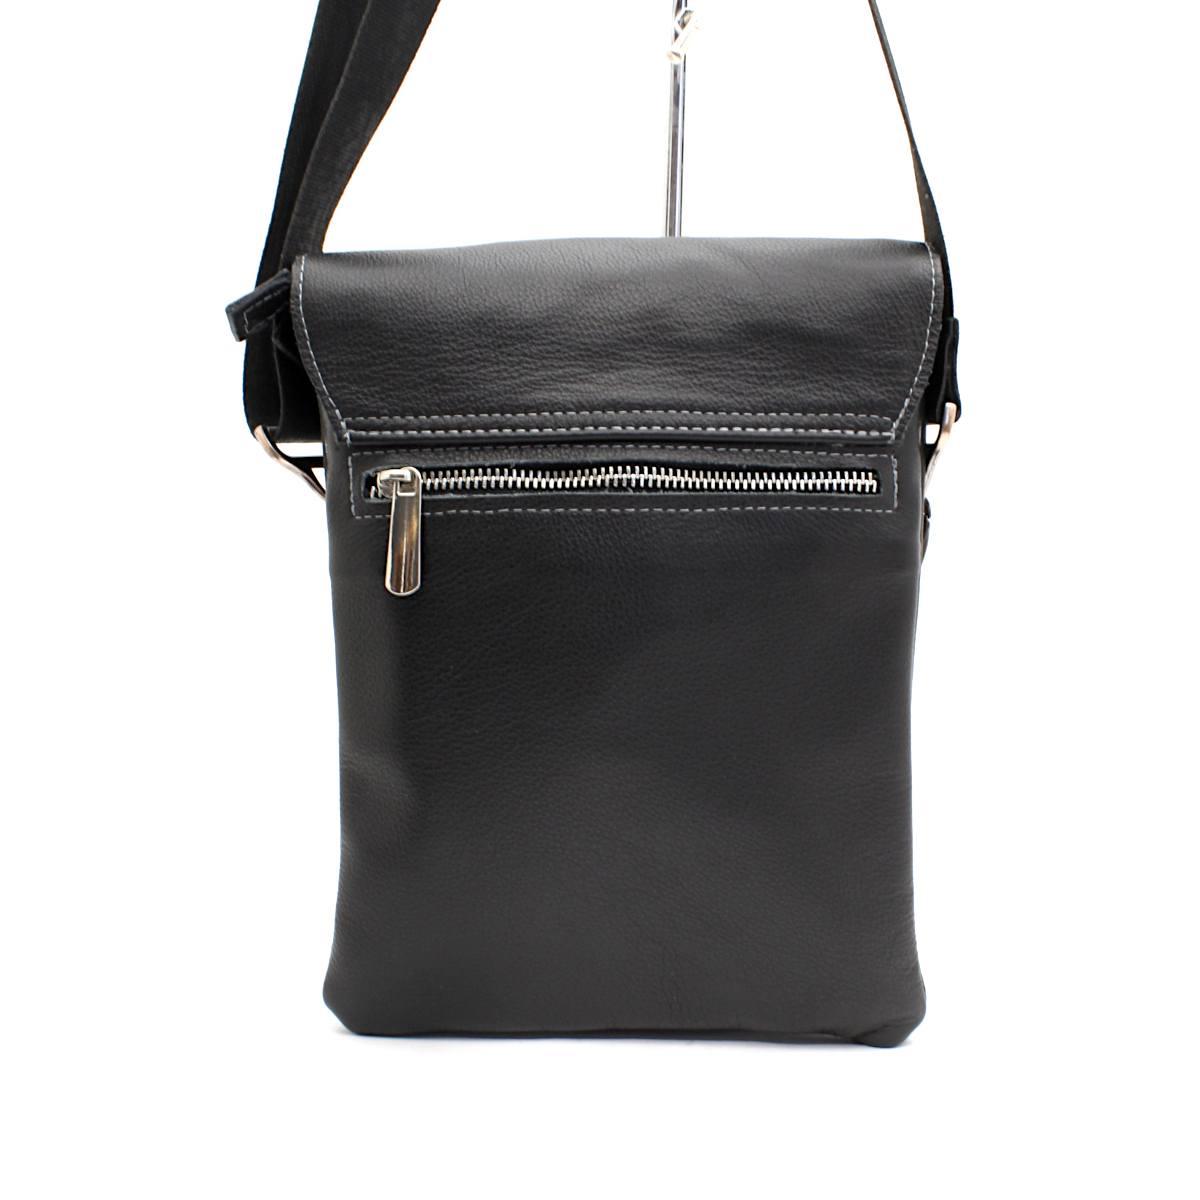 Черна мъжка чанта през рамо естествена кожа 8799 отзад